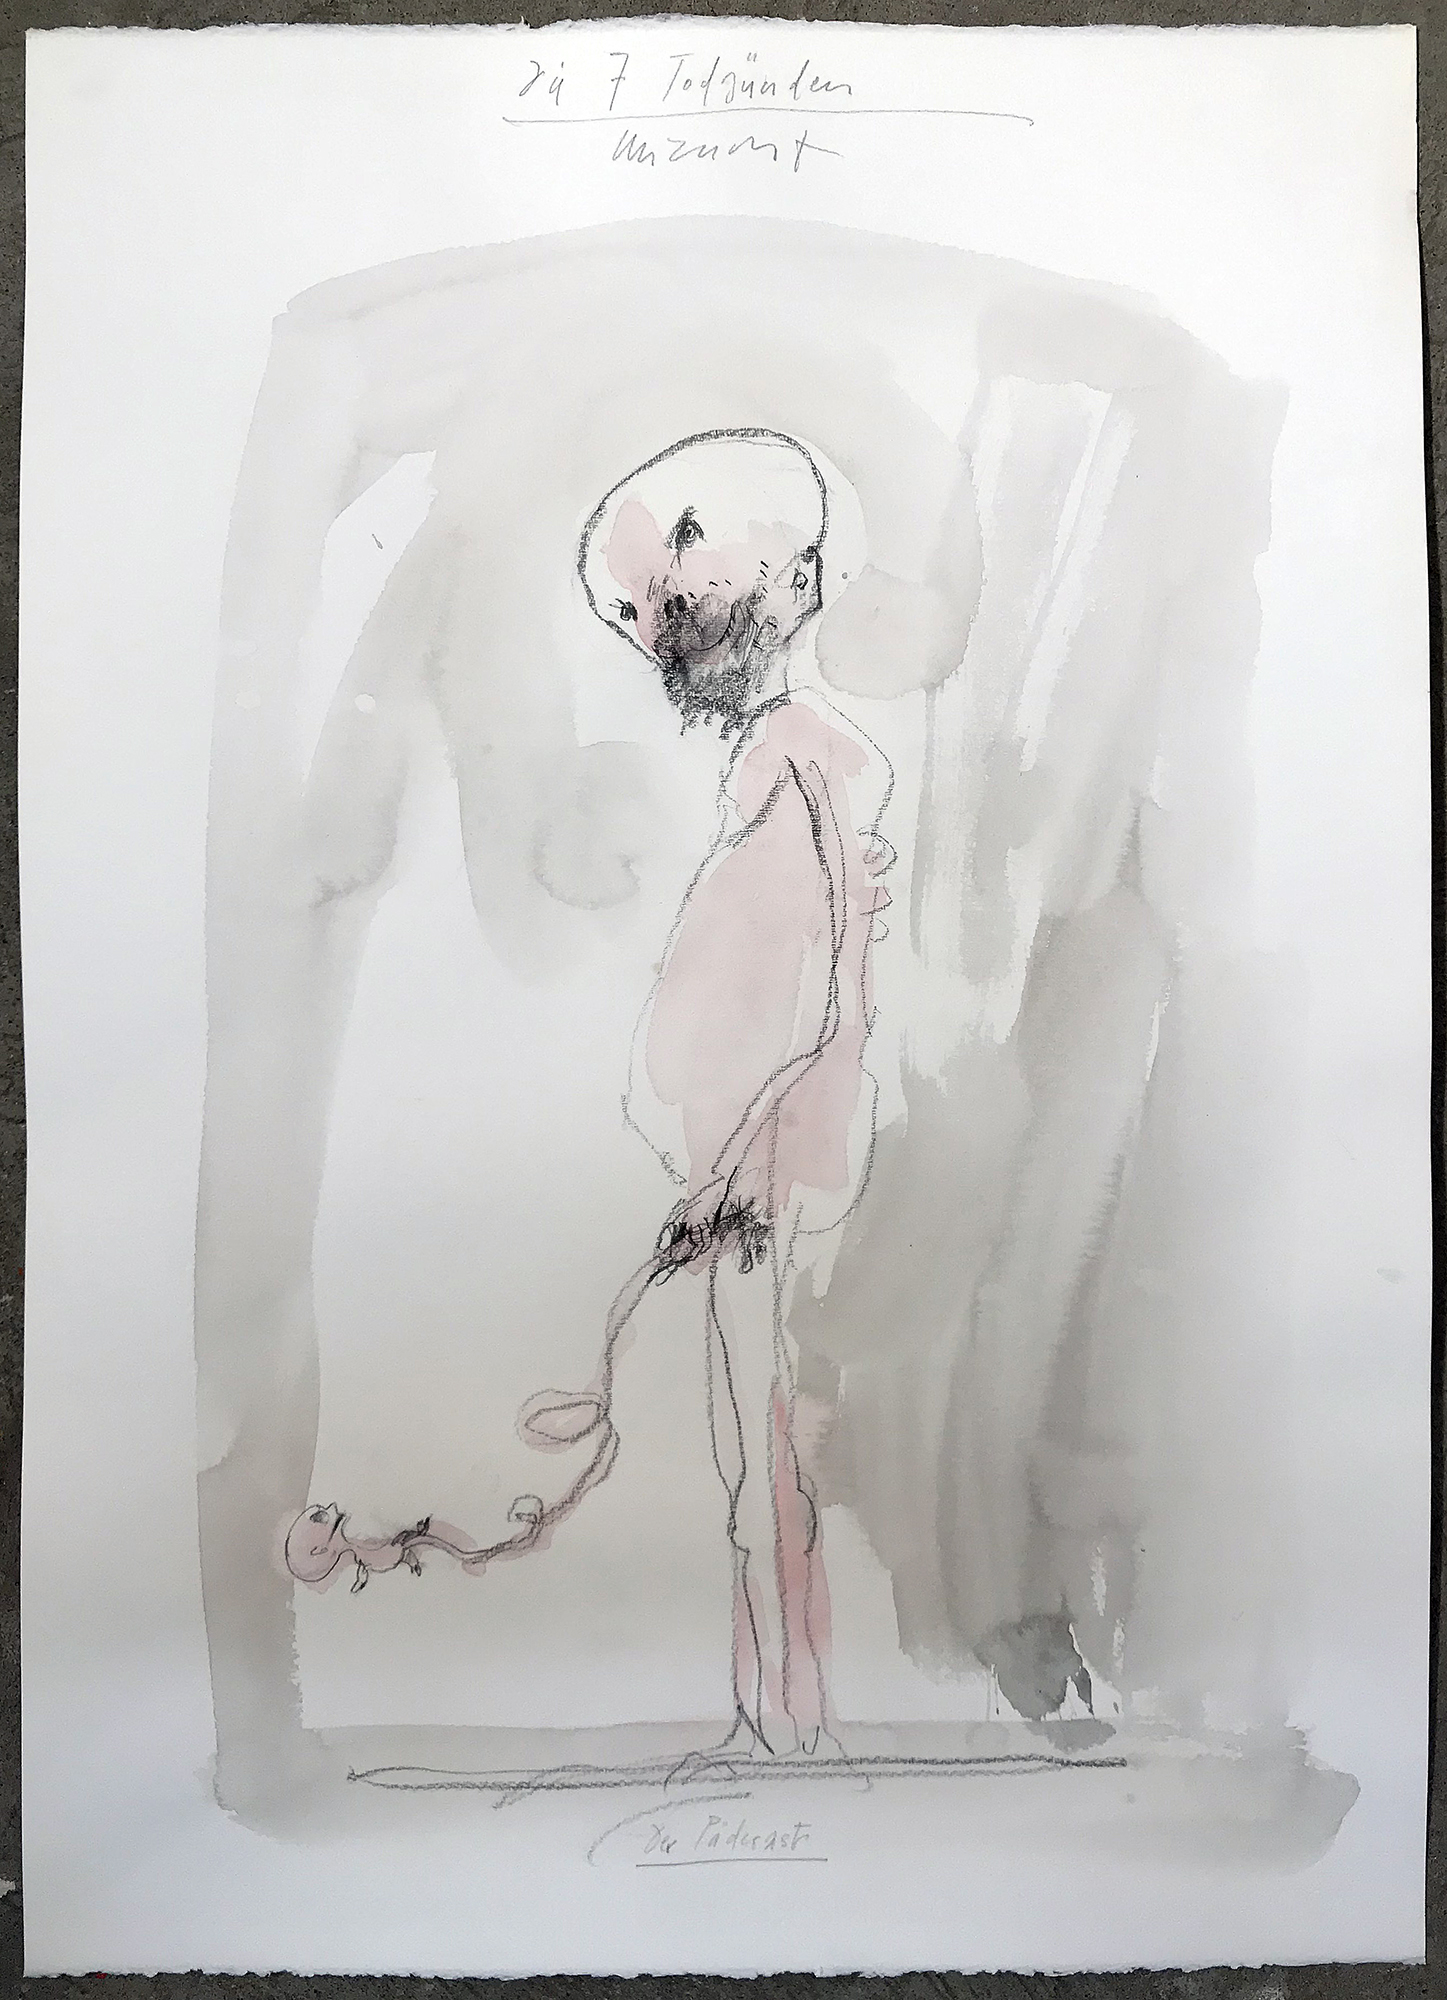 Die 7 Todsünden / Unzucht / Entwurf, 2003, Mischtechnik auf Büttenpapier, ca. 50 x 70, ohne Rahmen